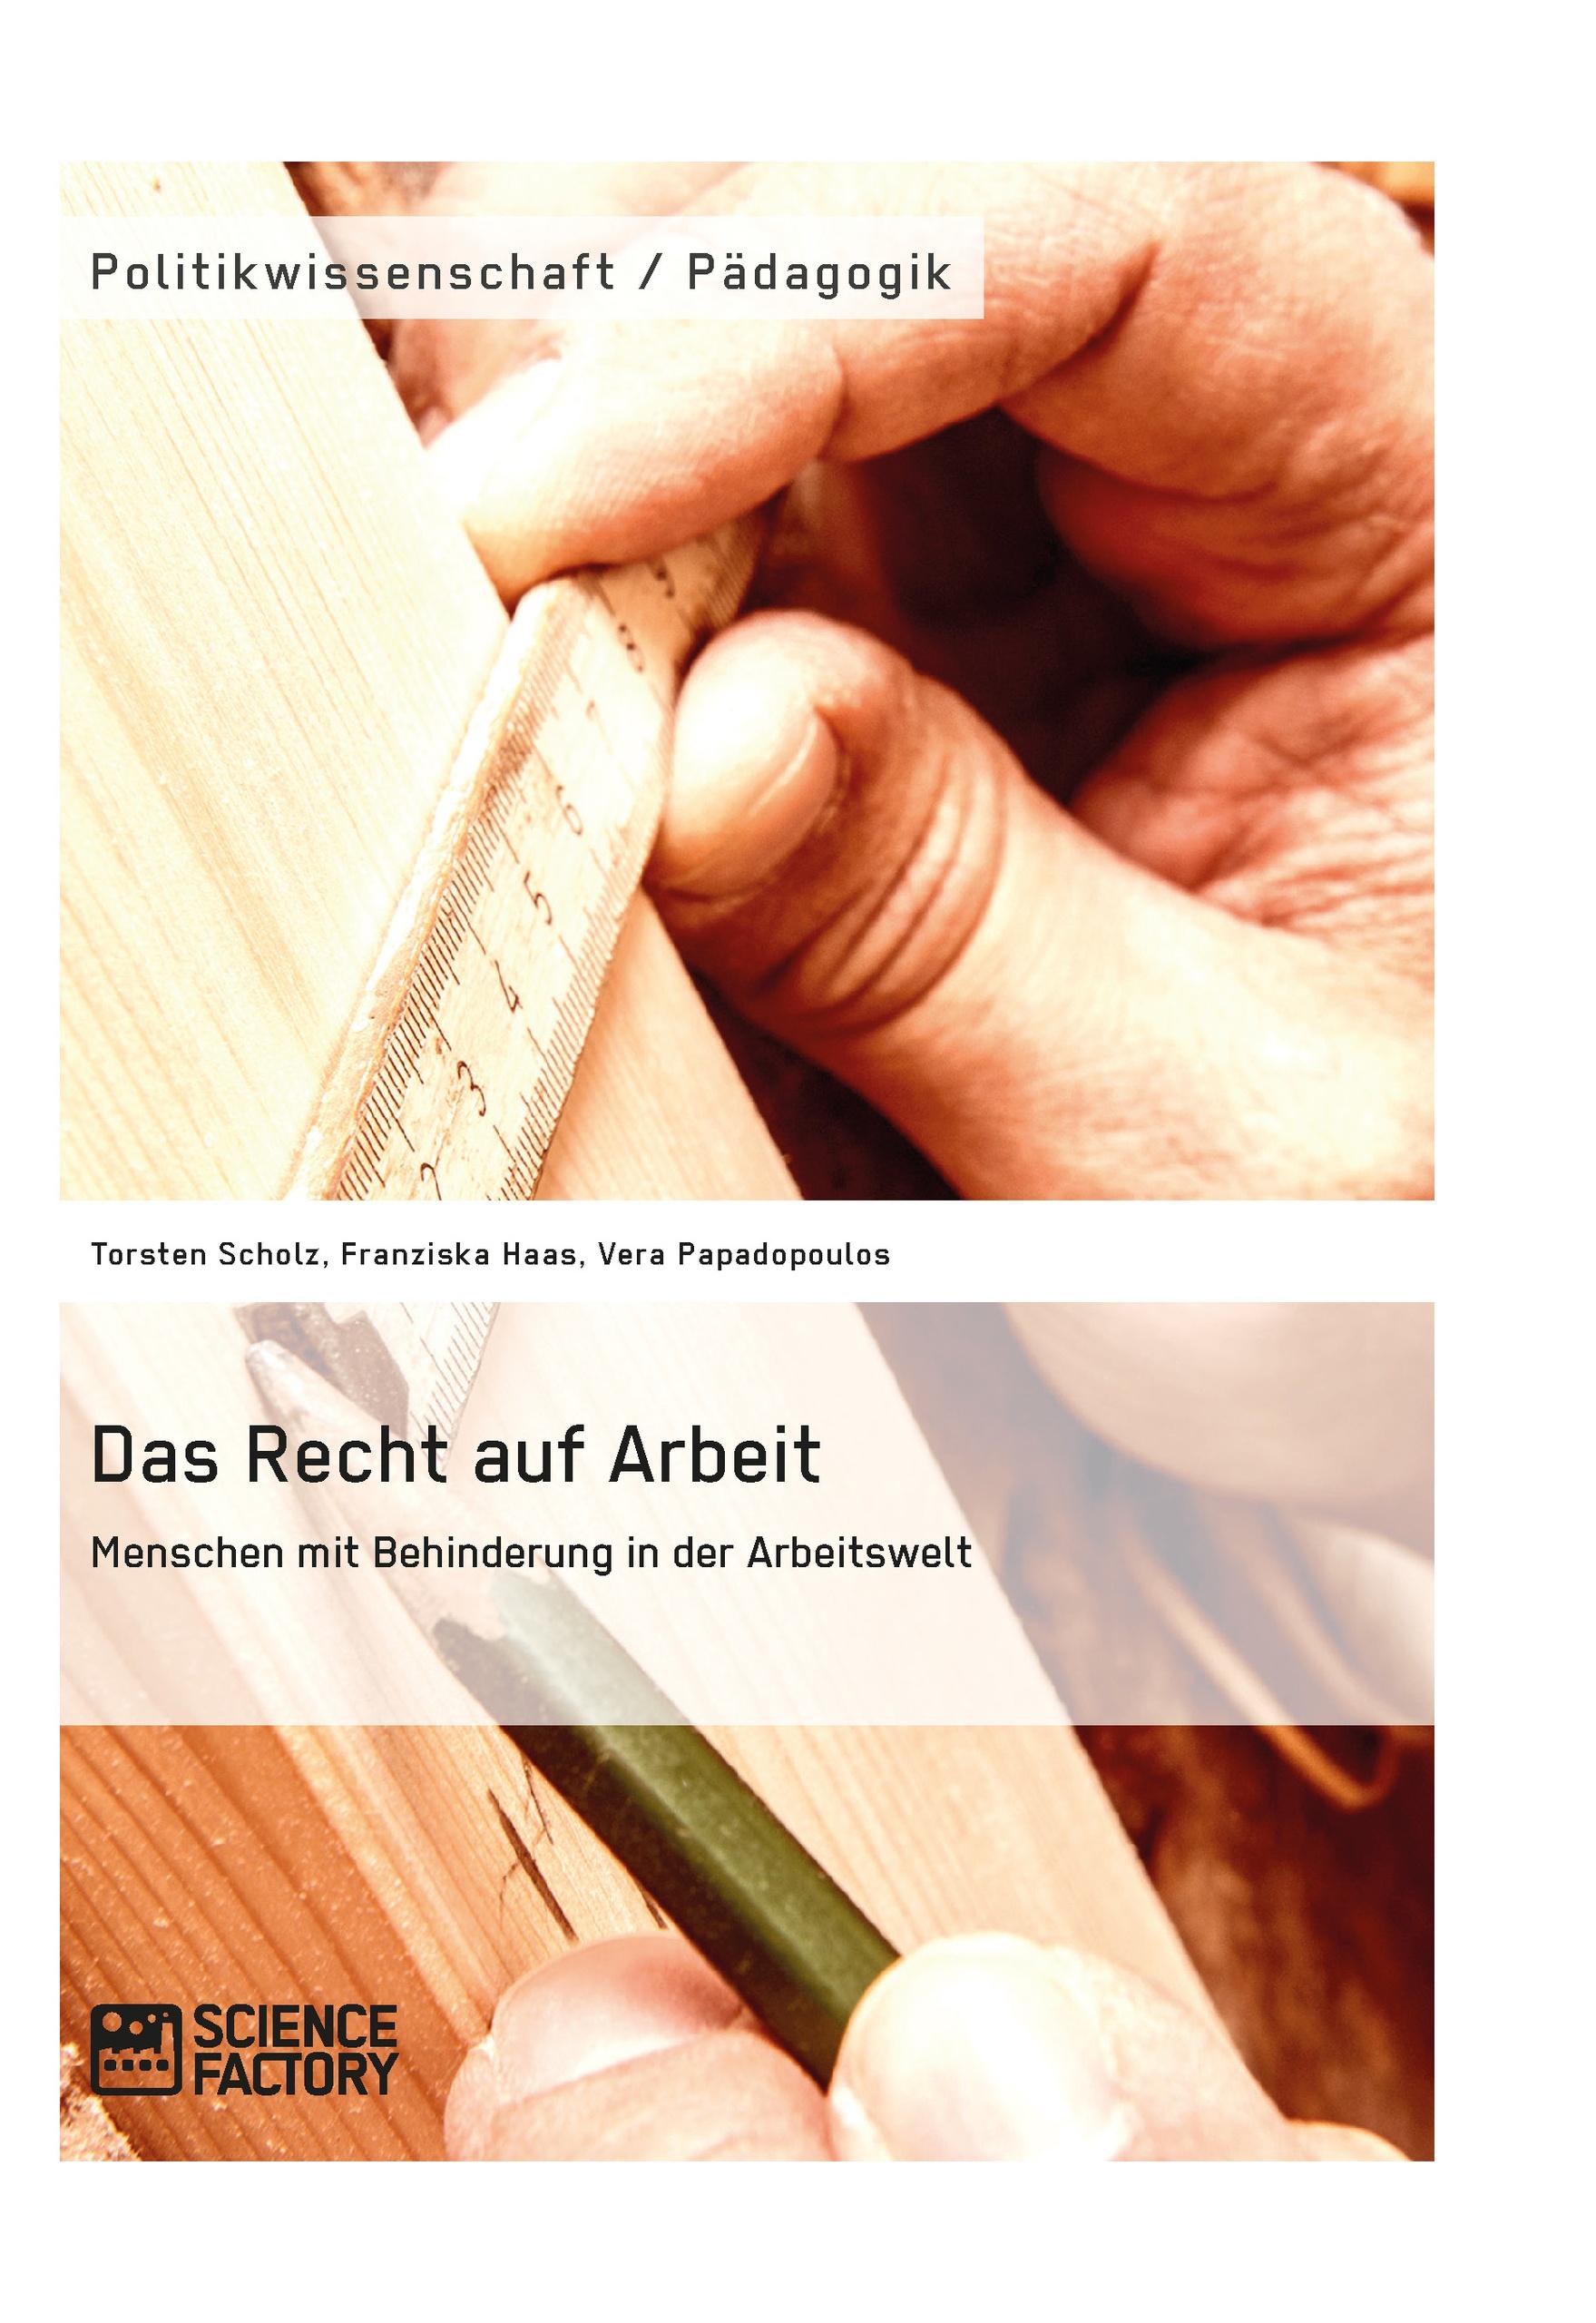 Titel: Das Recht auf Arbeit. Menschen mit Behinderung in der Arbeitswelt